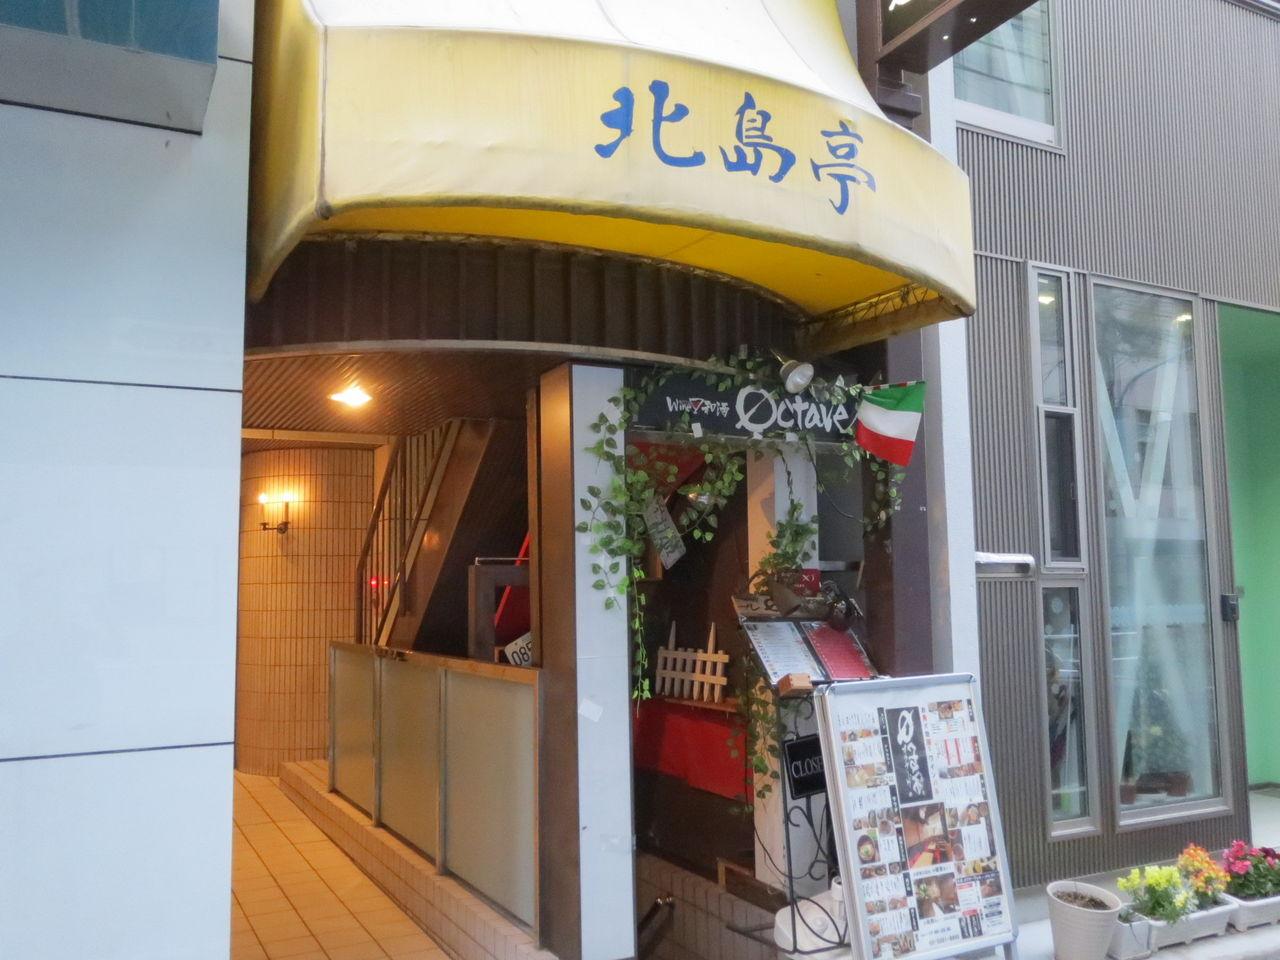 フレンチの王道を歩み続ける四谷の名店「北島亭」